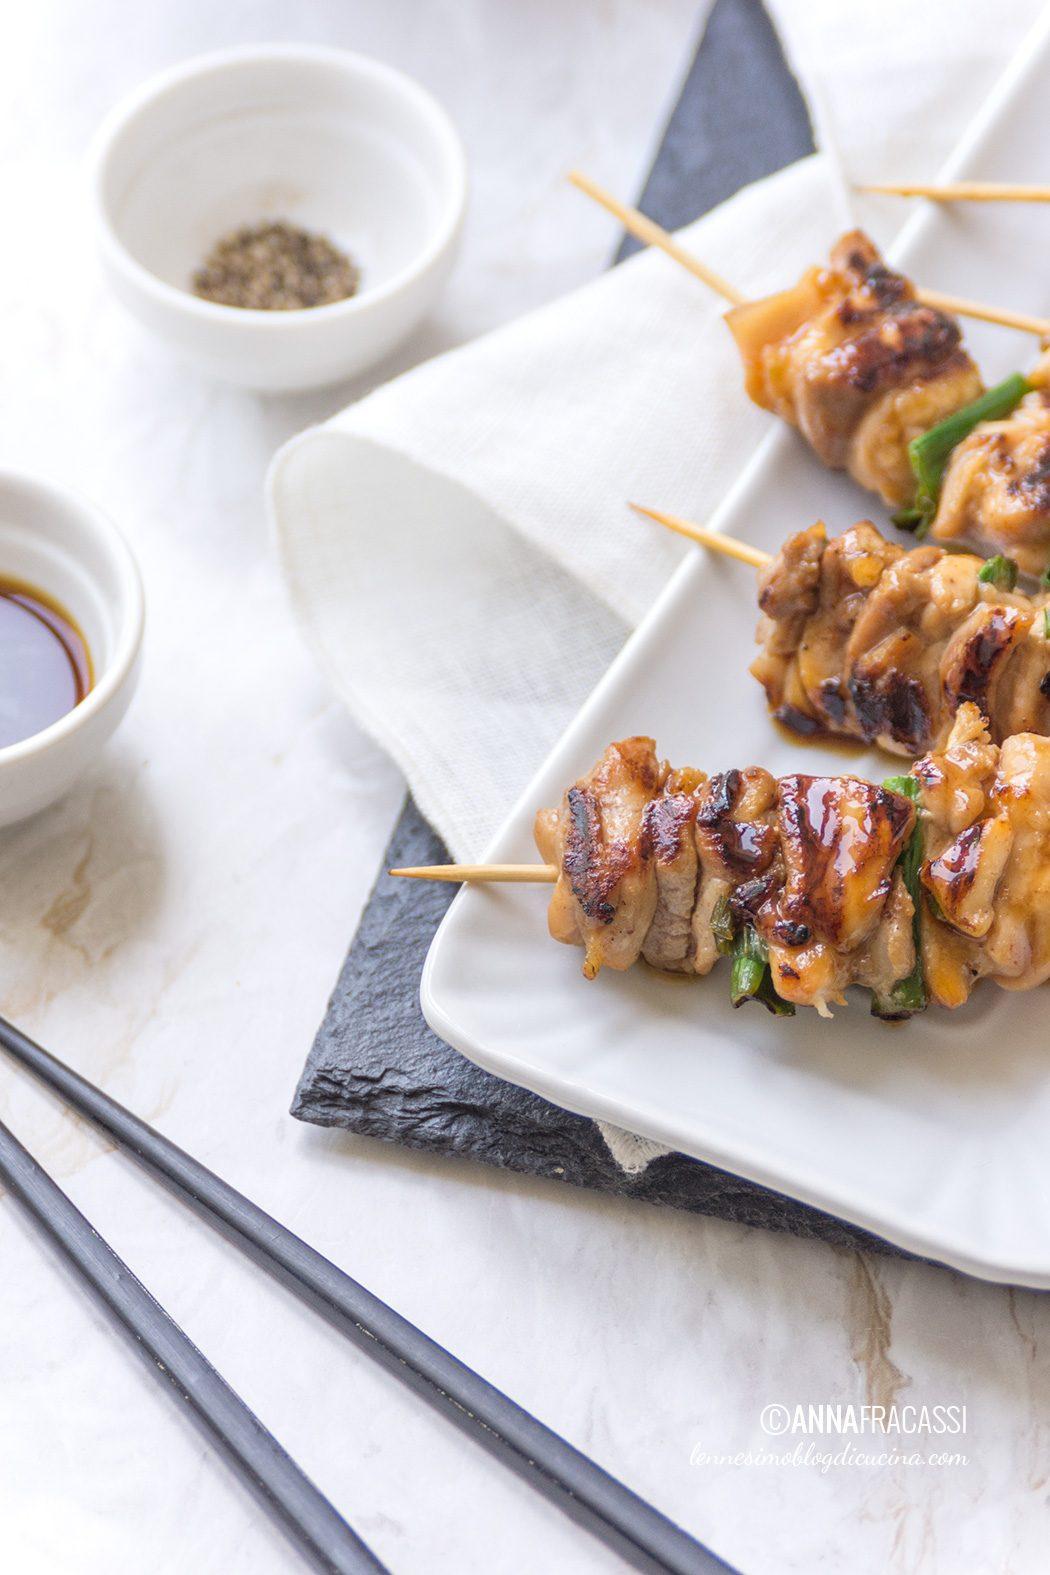 La ricetta degli yakitori, gli spiedini di pollo giapponesi